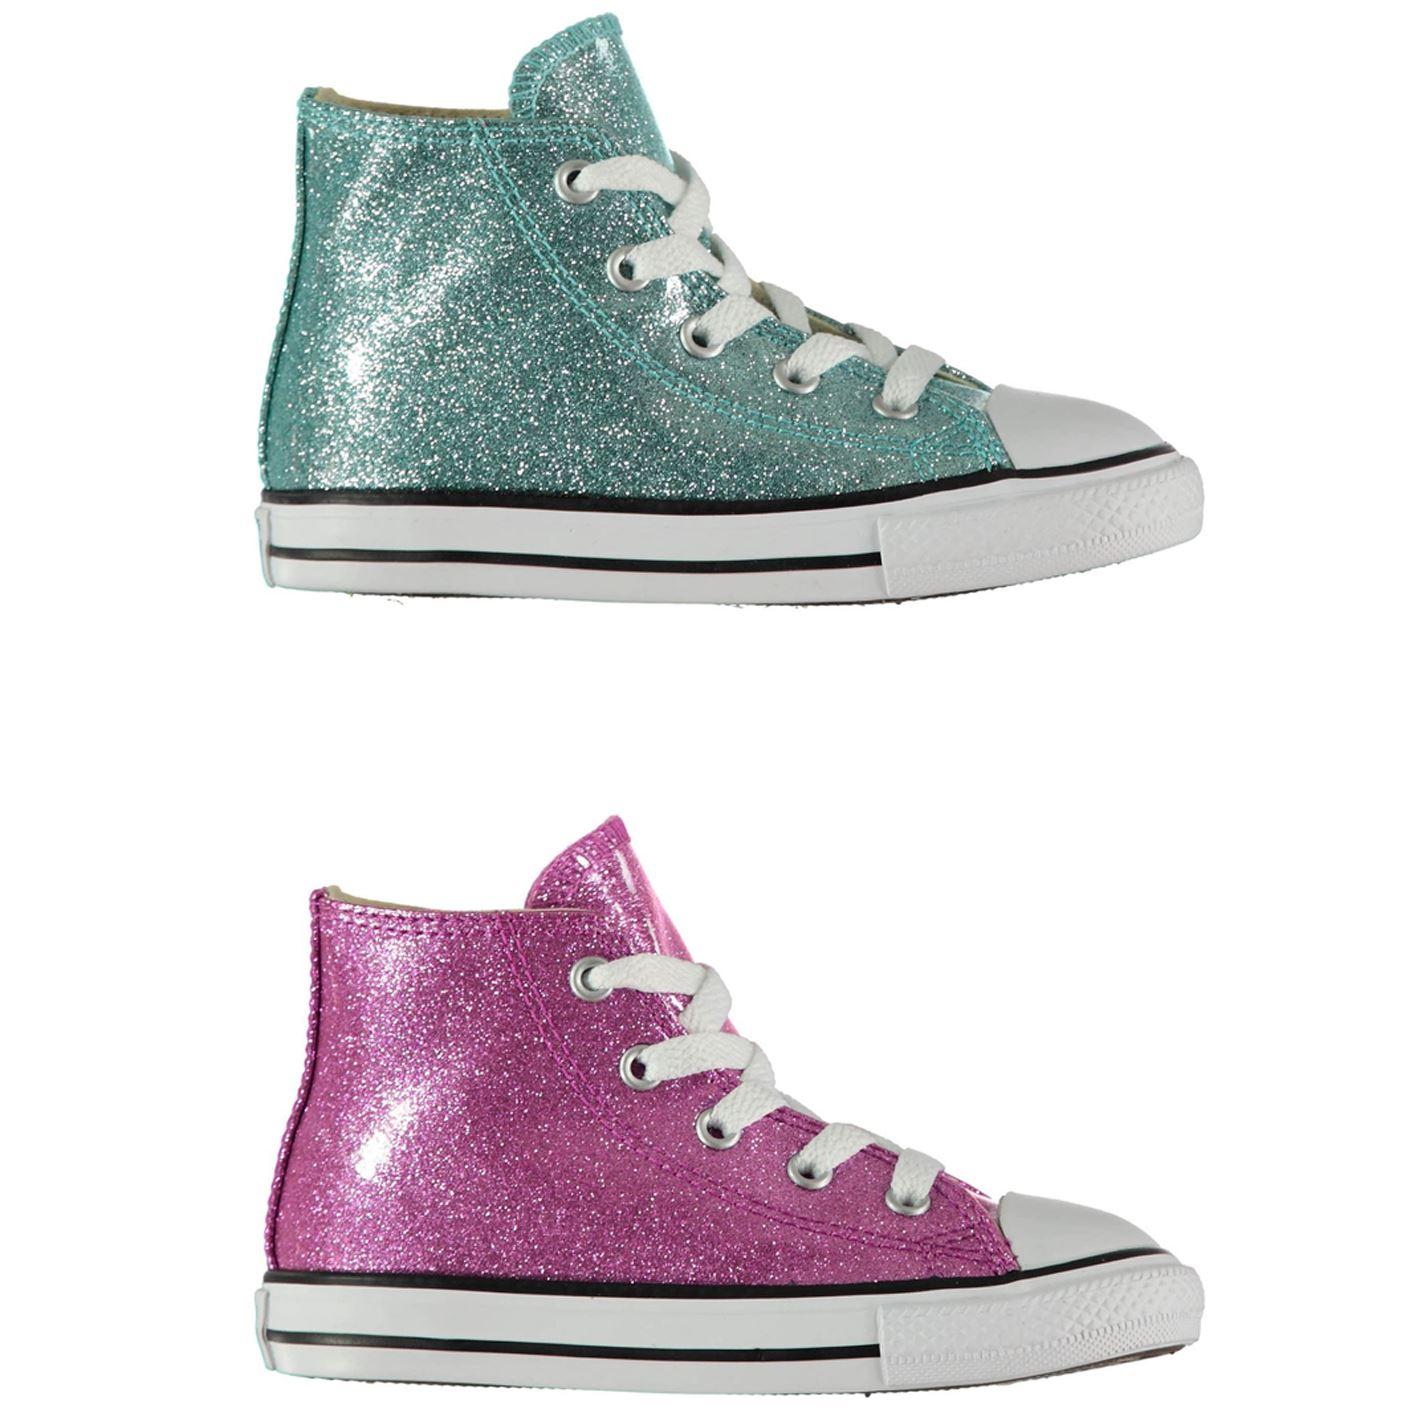 Détails Montante Chaussures Paillette Fille Sur Converse f7YyvIb6g